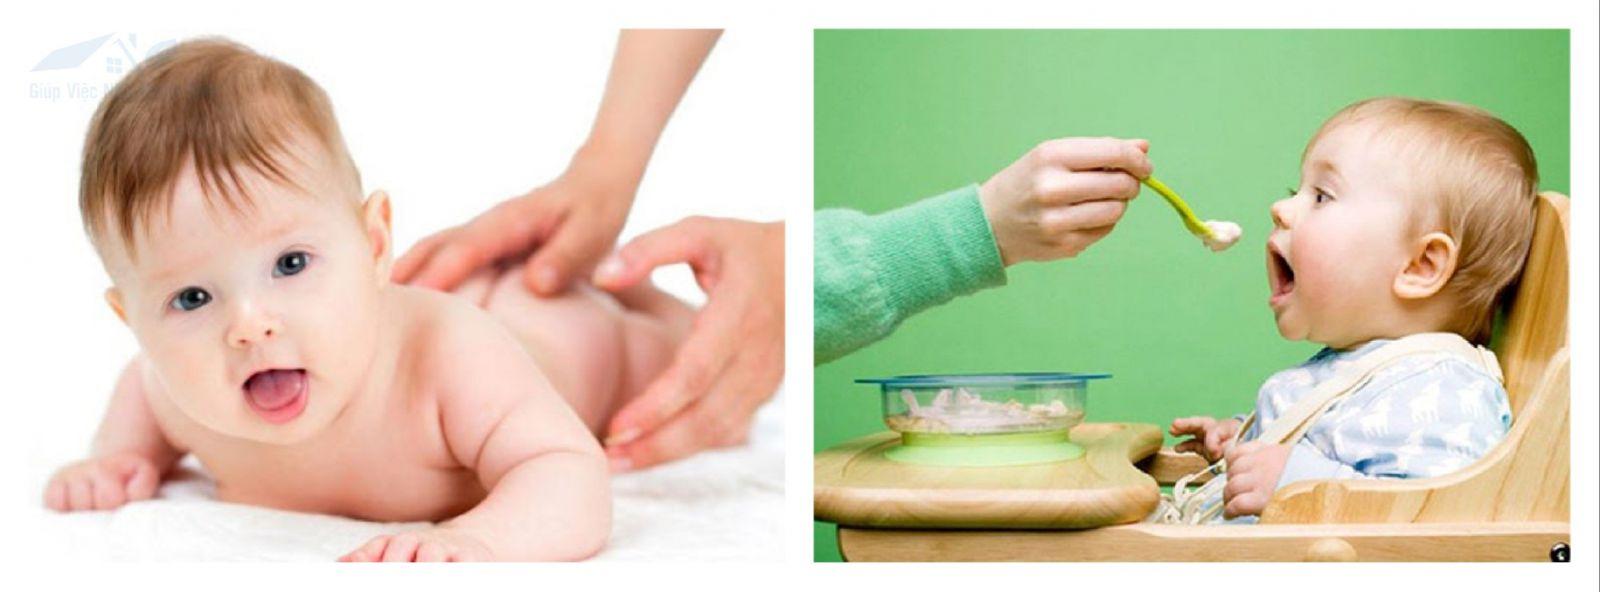 Giúp việc nhà chăm em bé tại quận Bình Tân